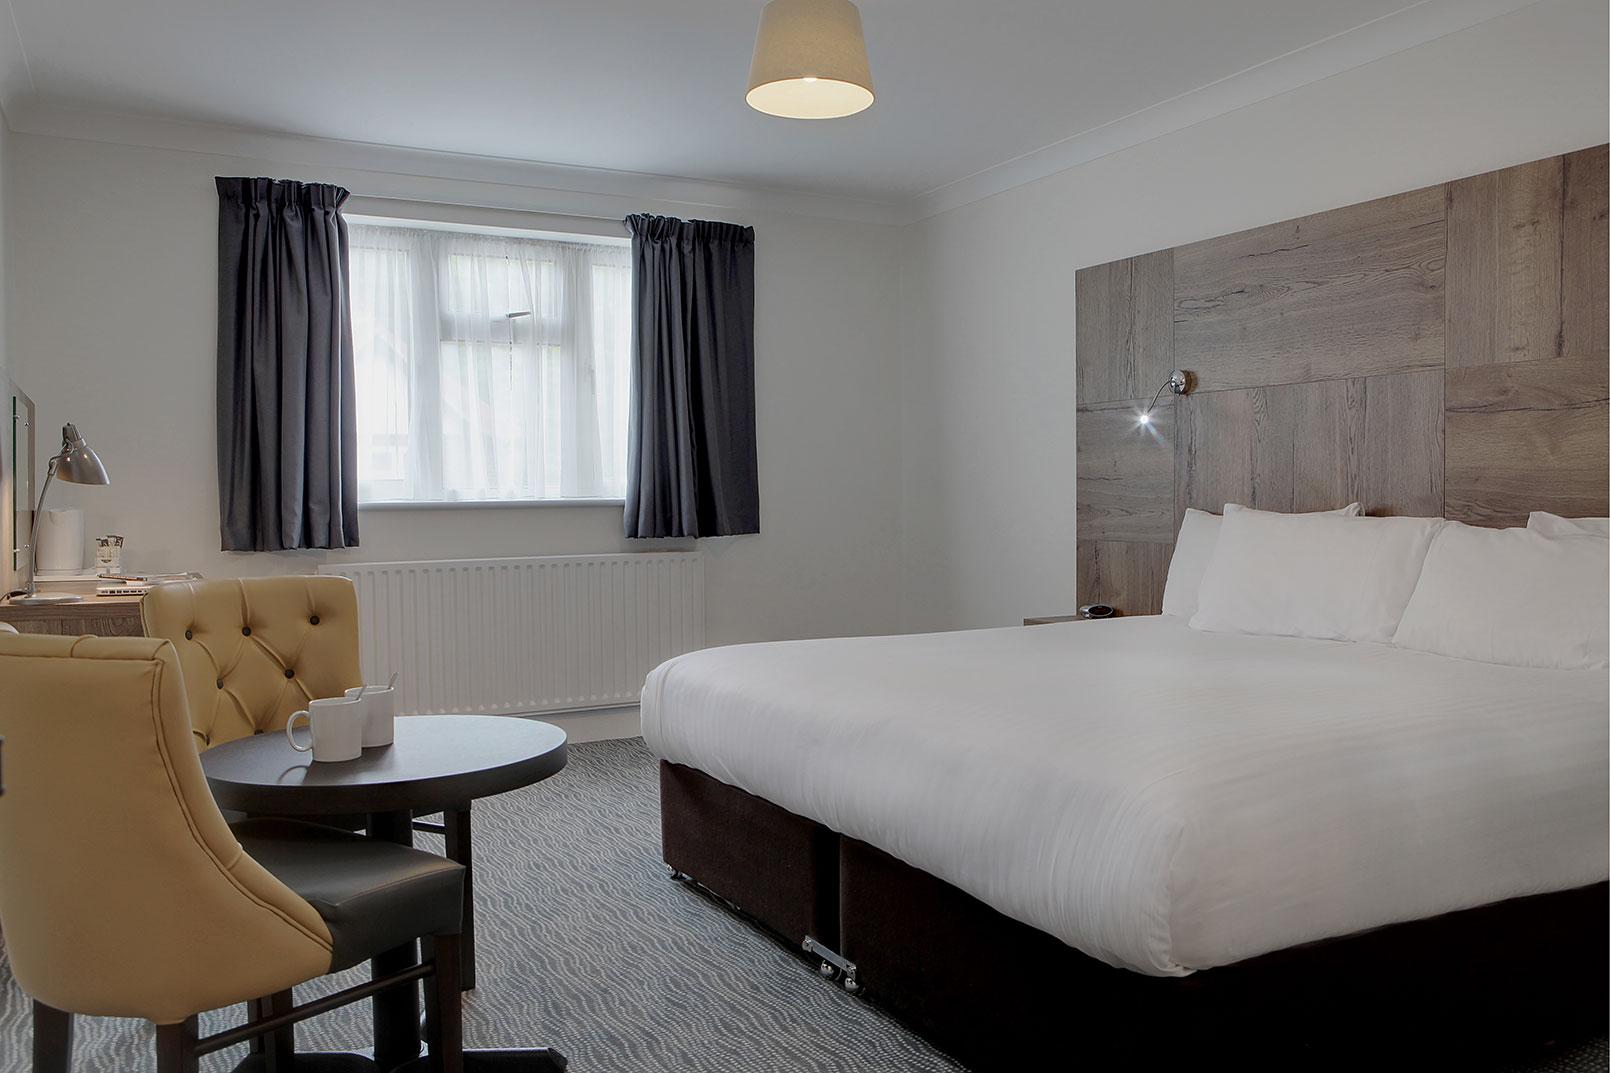 Best Western White House Hotel | Hotels in Watford, Hertfordshire